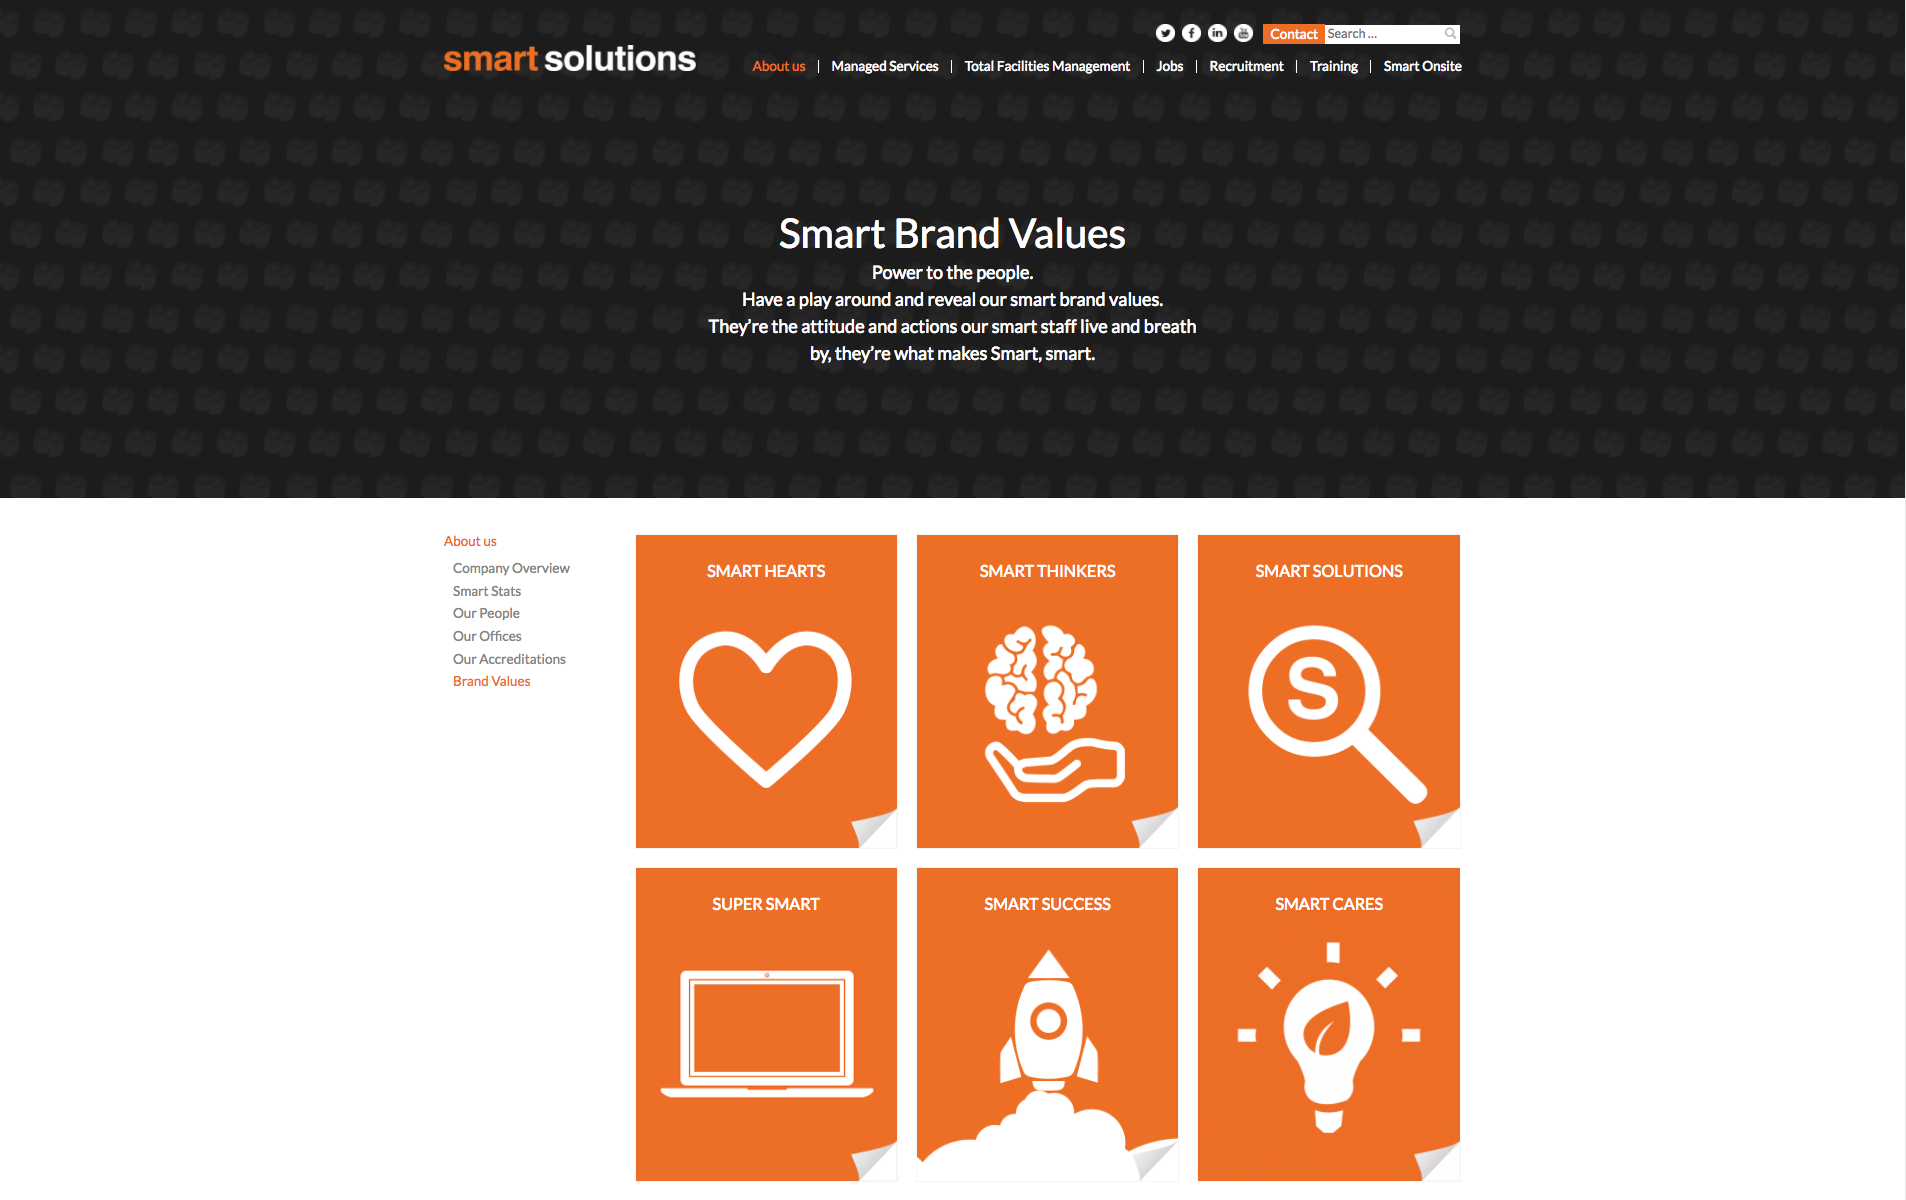 smartsolutions-1